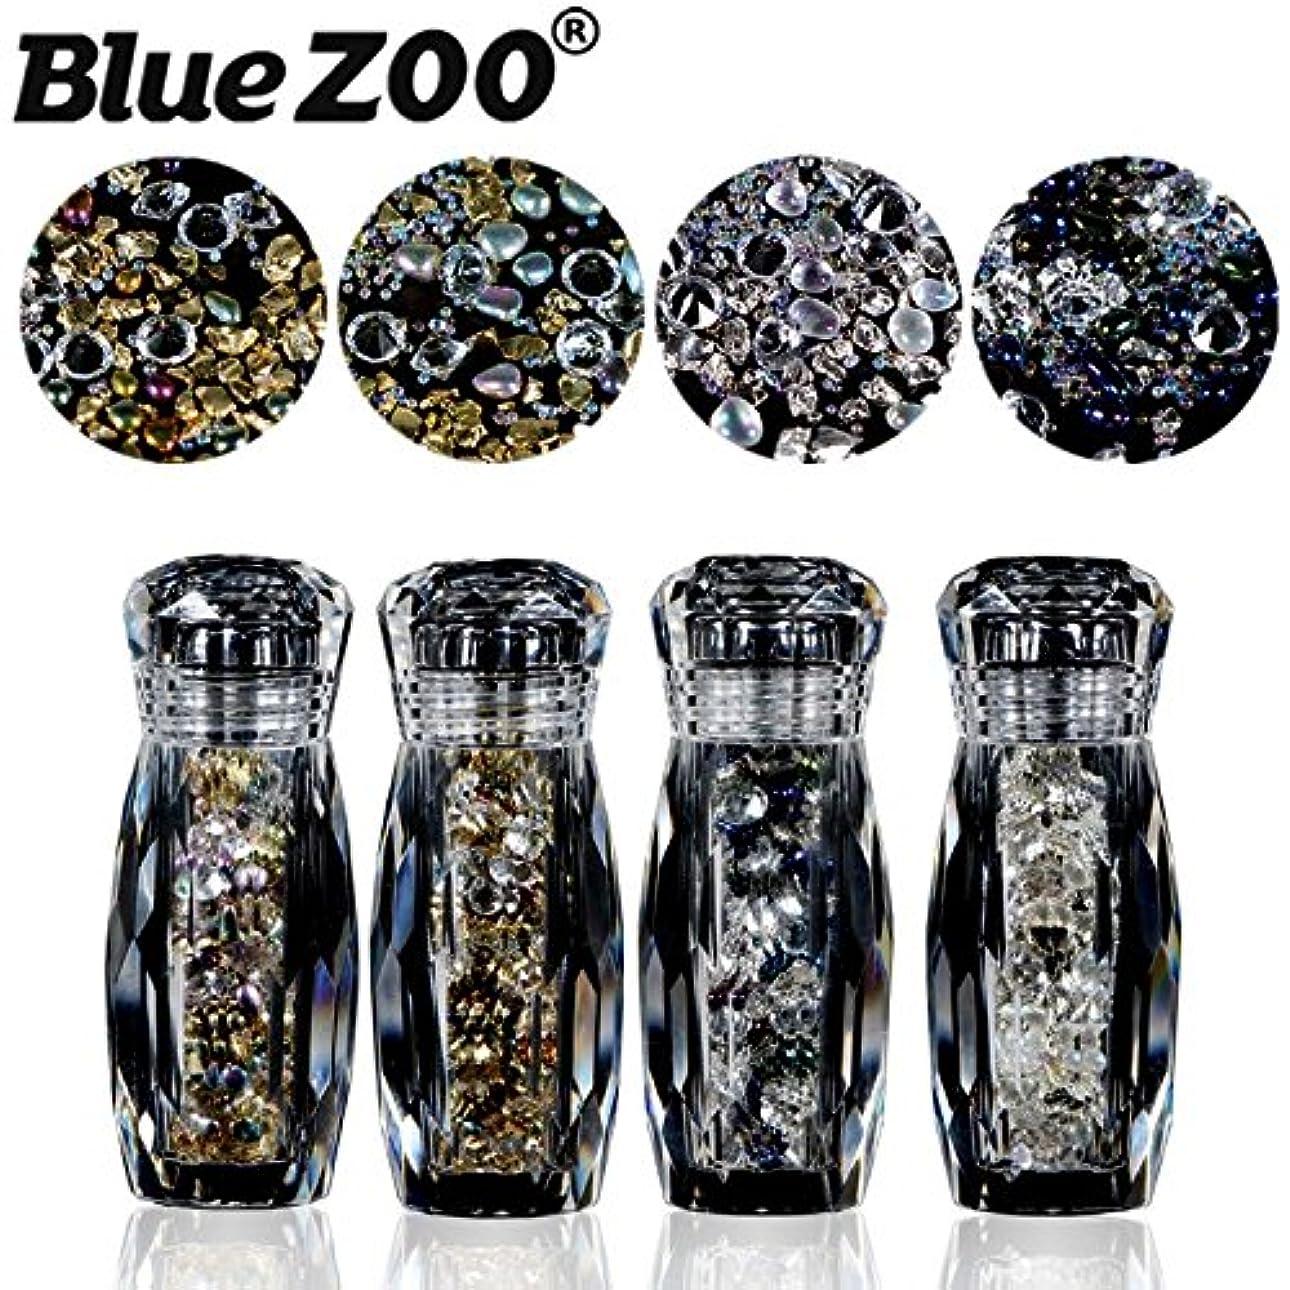 想像力豊かな矢じりドナウ川BlueZOO (ブルーズー) 4本/セット クリスタルボトル 不規則なゴールドシルバースタッド + コブルストーン + エルフ ミニビーズ